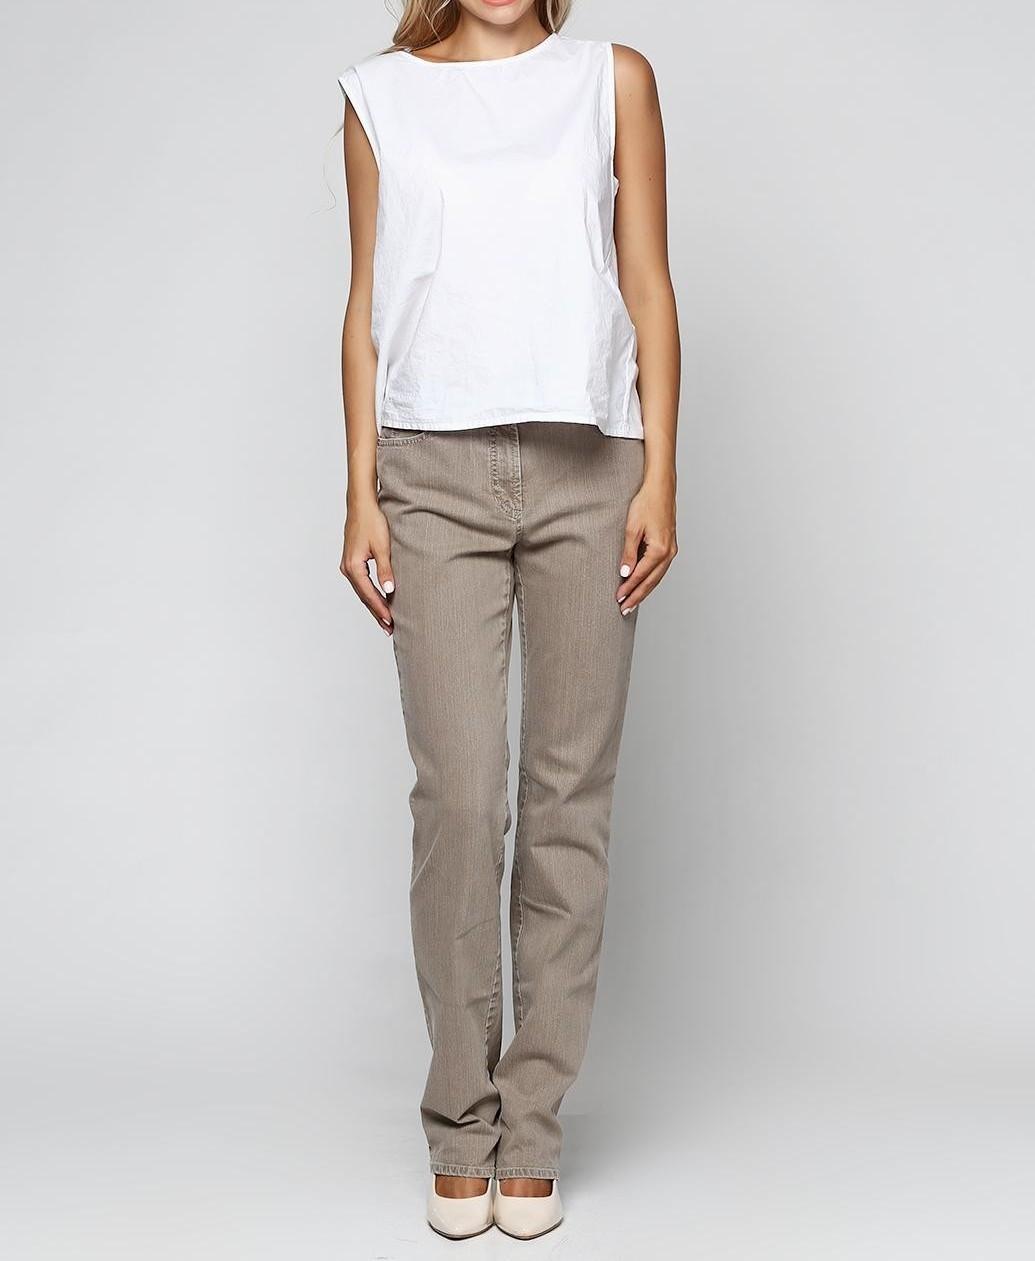 Женские штаны Gerry Weber 42S Бежевый (2900054114013)